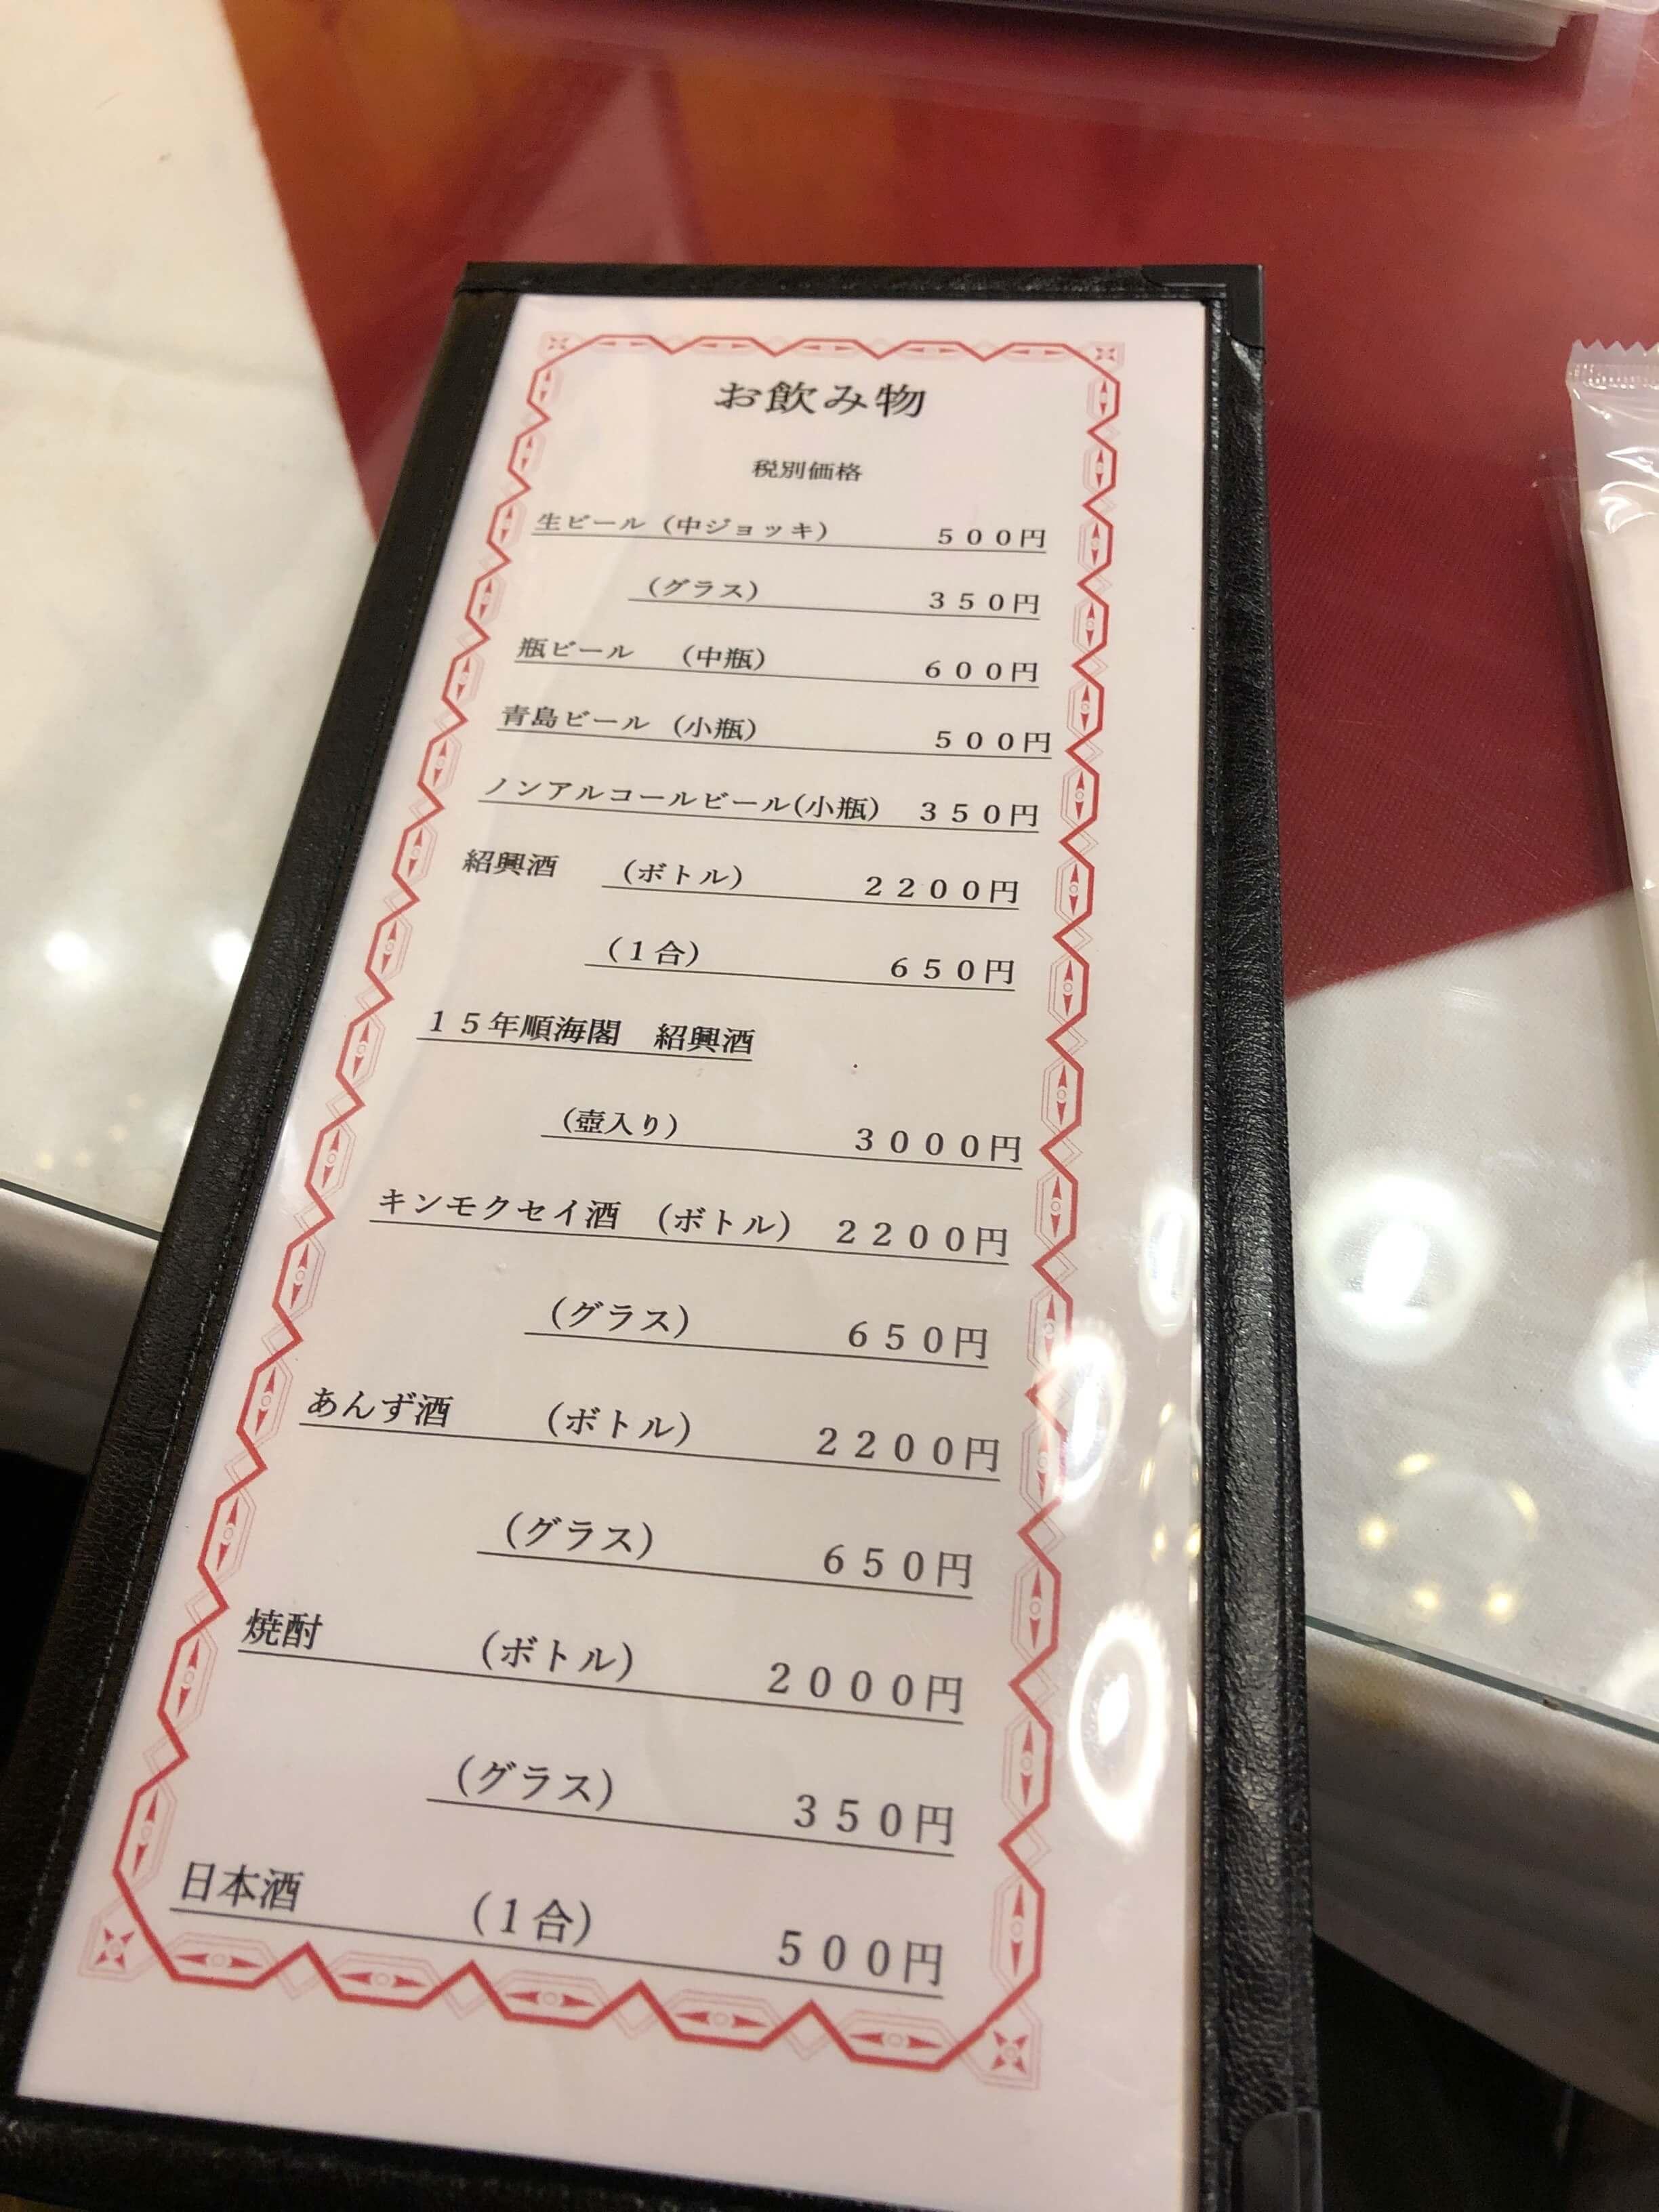 順海閣 メニュー 2020.04.08